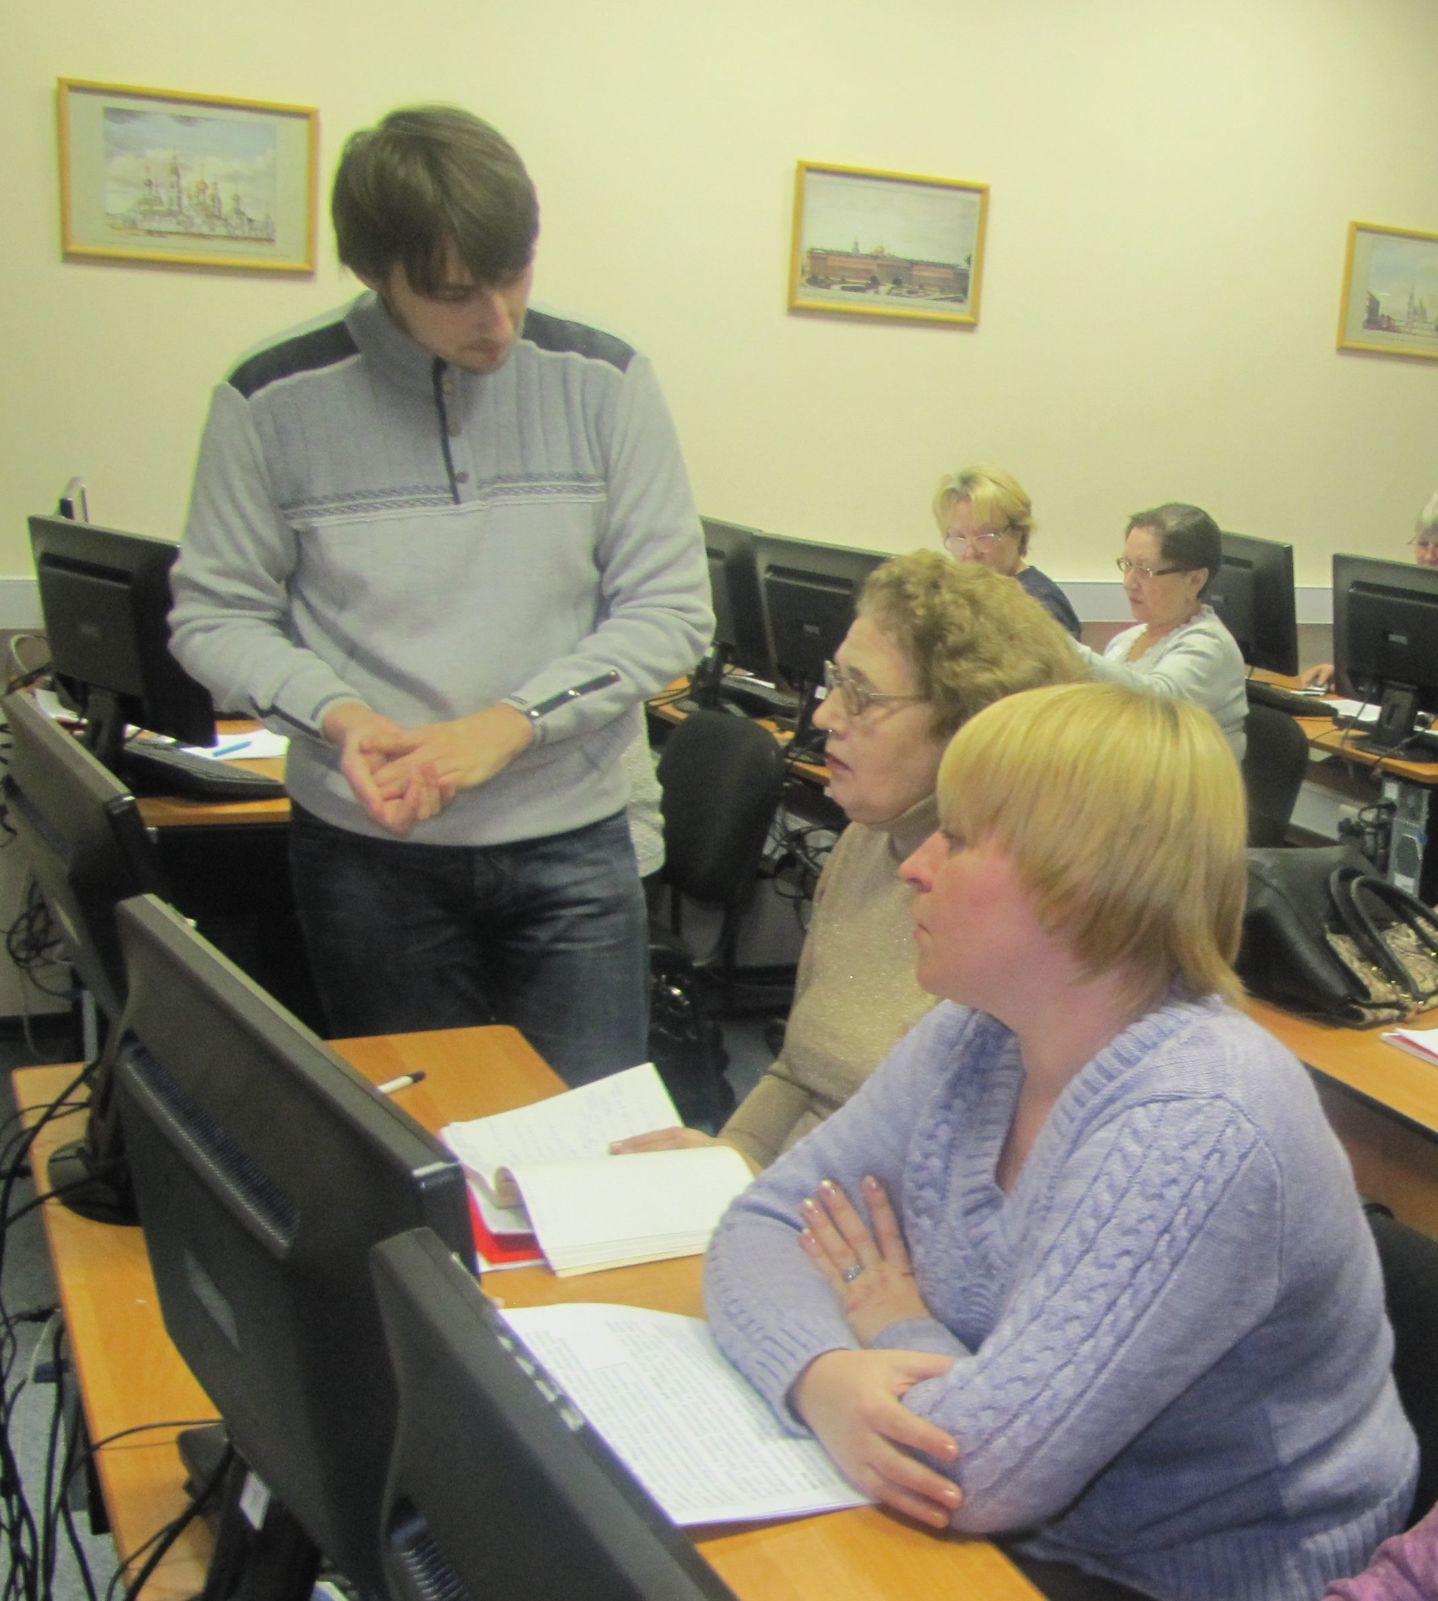 Более 300 граждан предпенсионного возраста Ярославской области получили дополнительное профессиональное образование